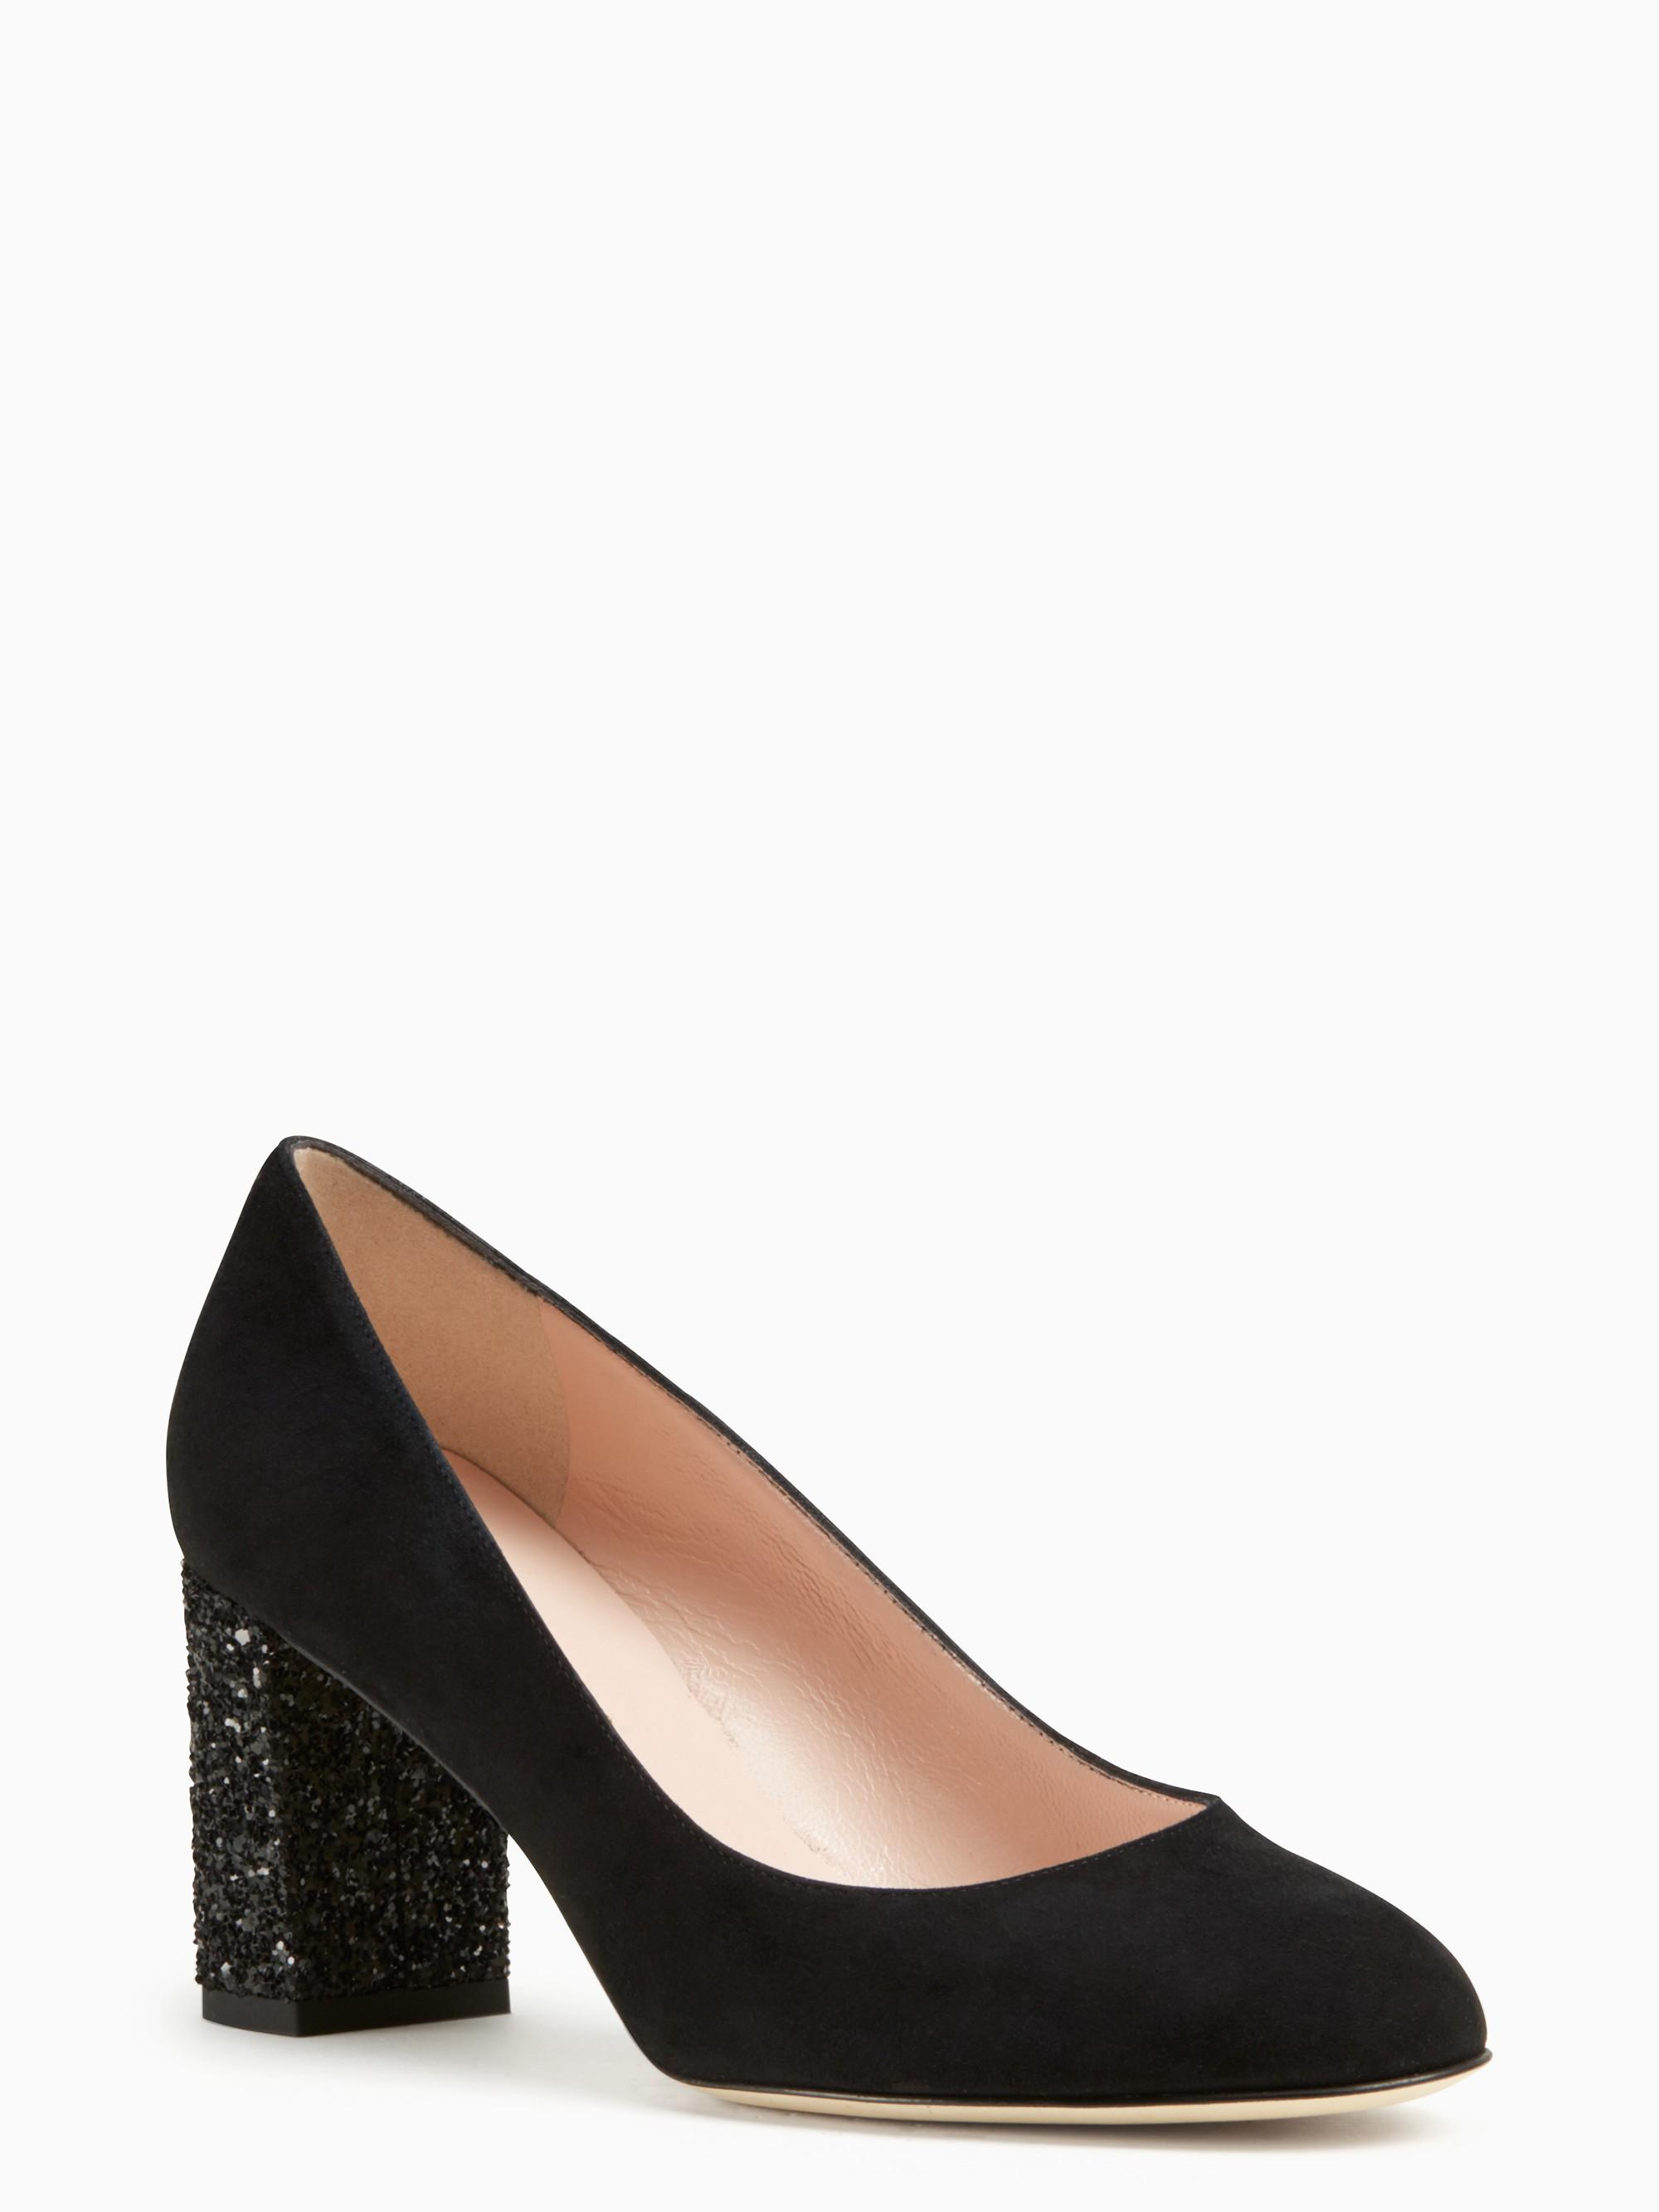 Kate Spade Anastasia Heels In Black